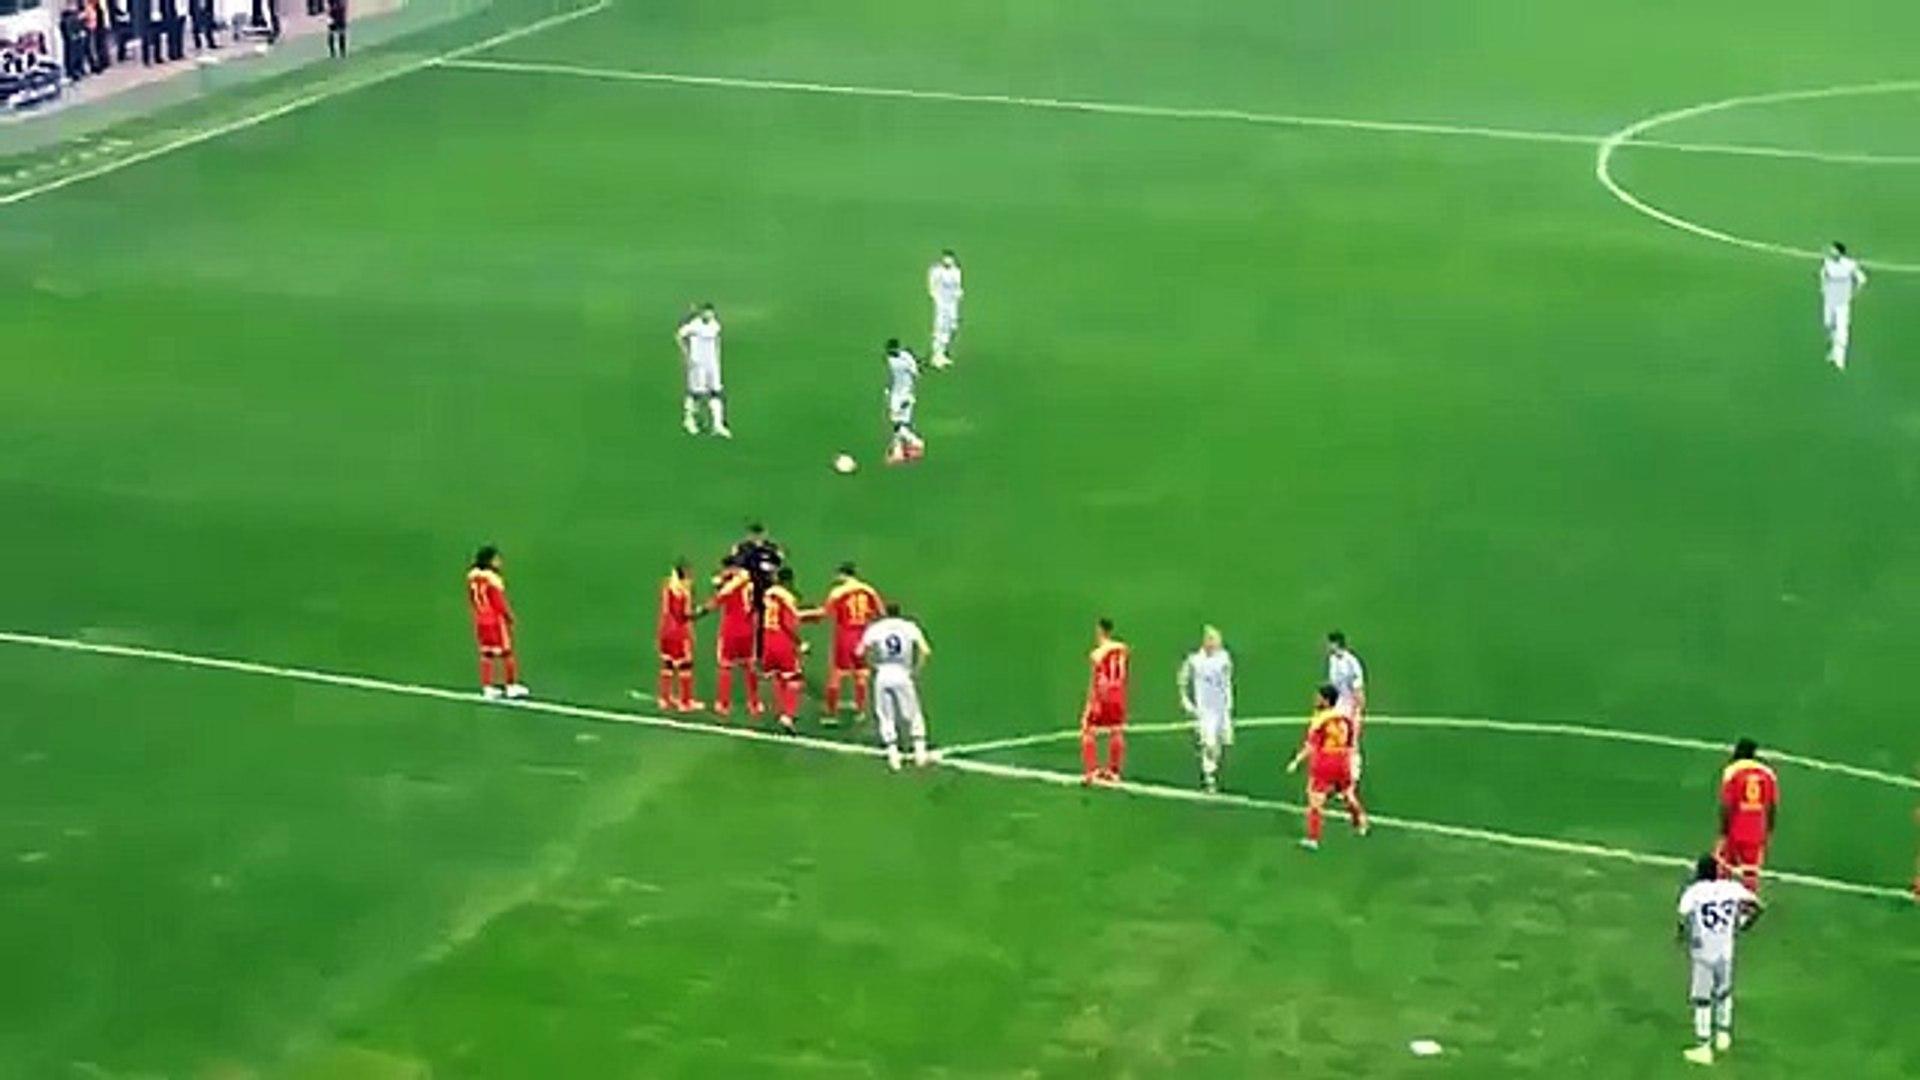 [HD] ROBIN VAN PERSIE | FRİKİK GOLU | Kayserispor - Fenerbahçe | Tribün Çekimi